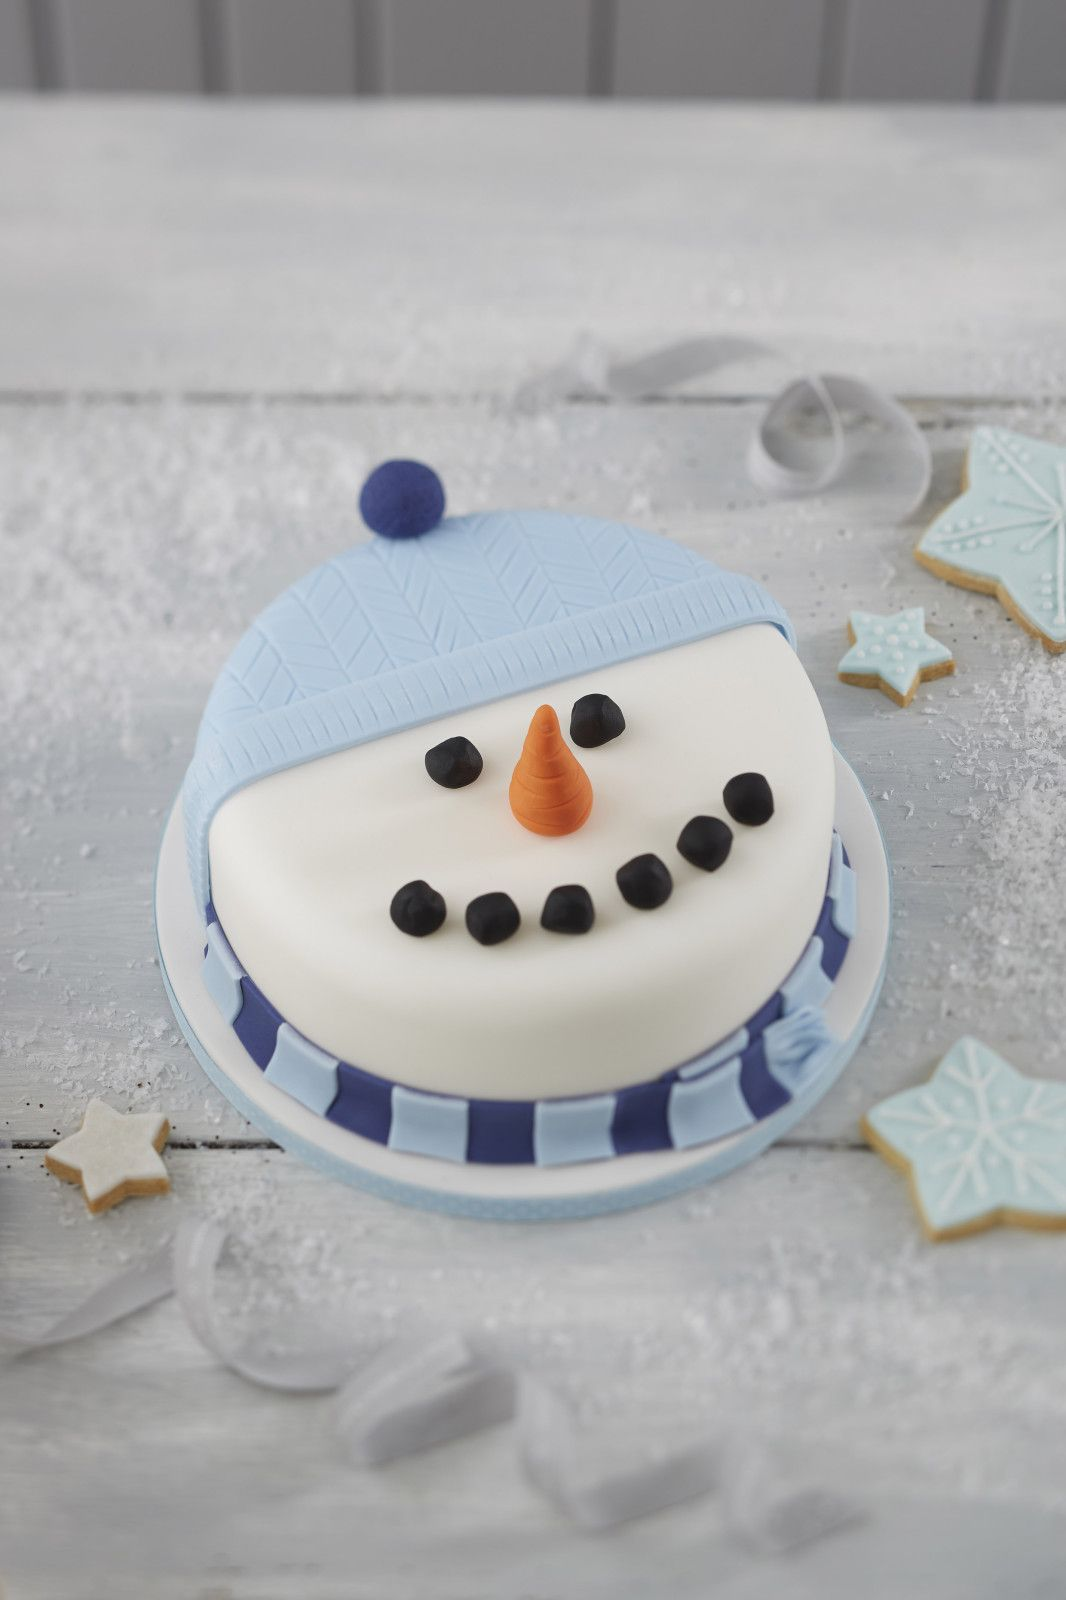 How to Make a Snowman Christmas Cake | Christmas cake ...